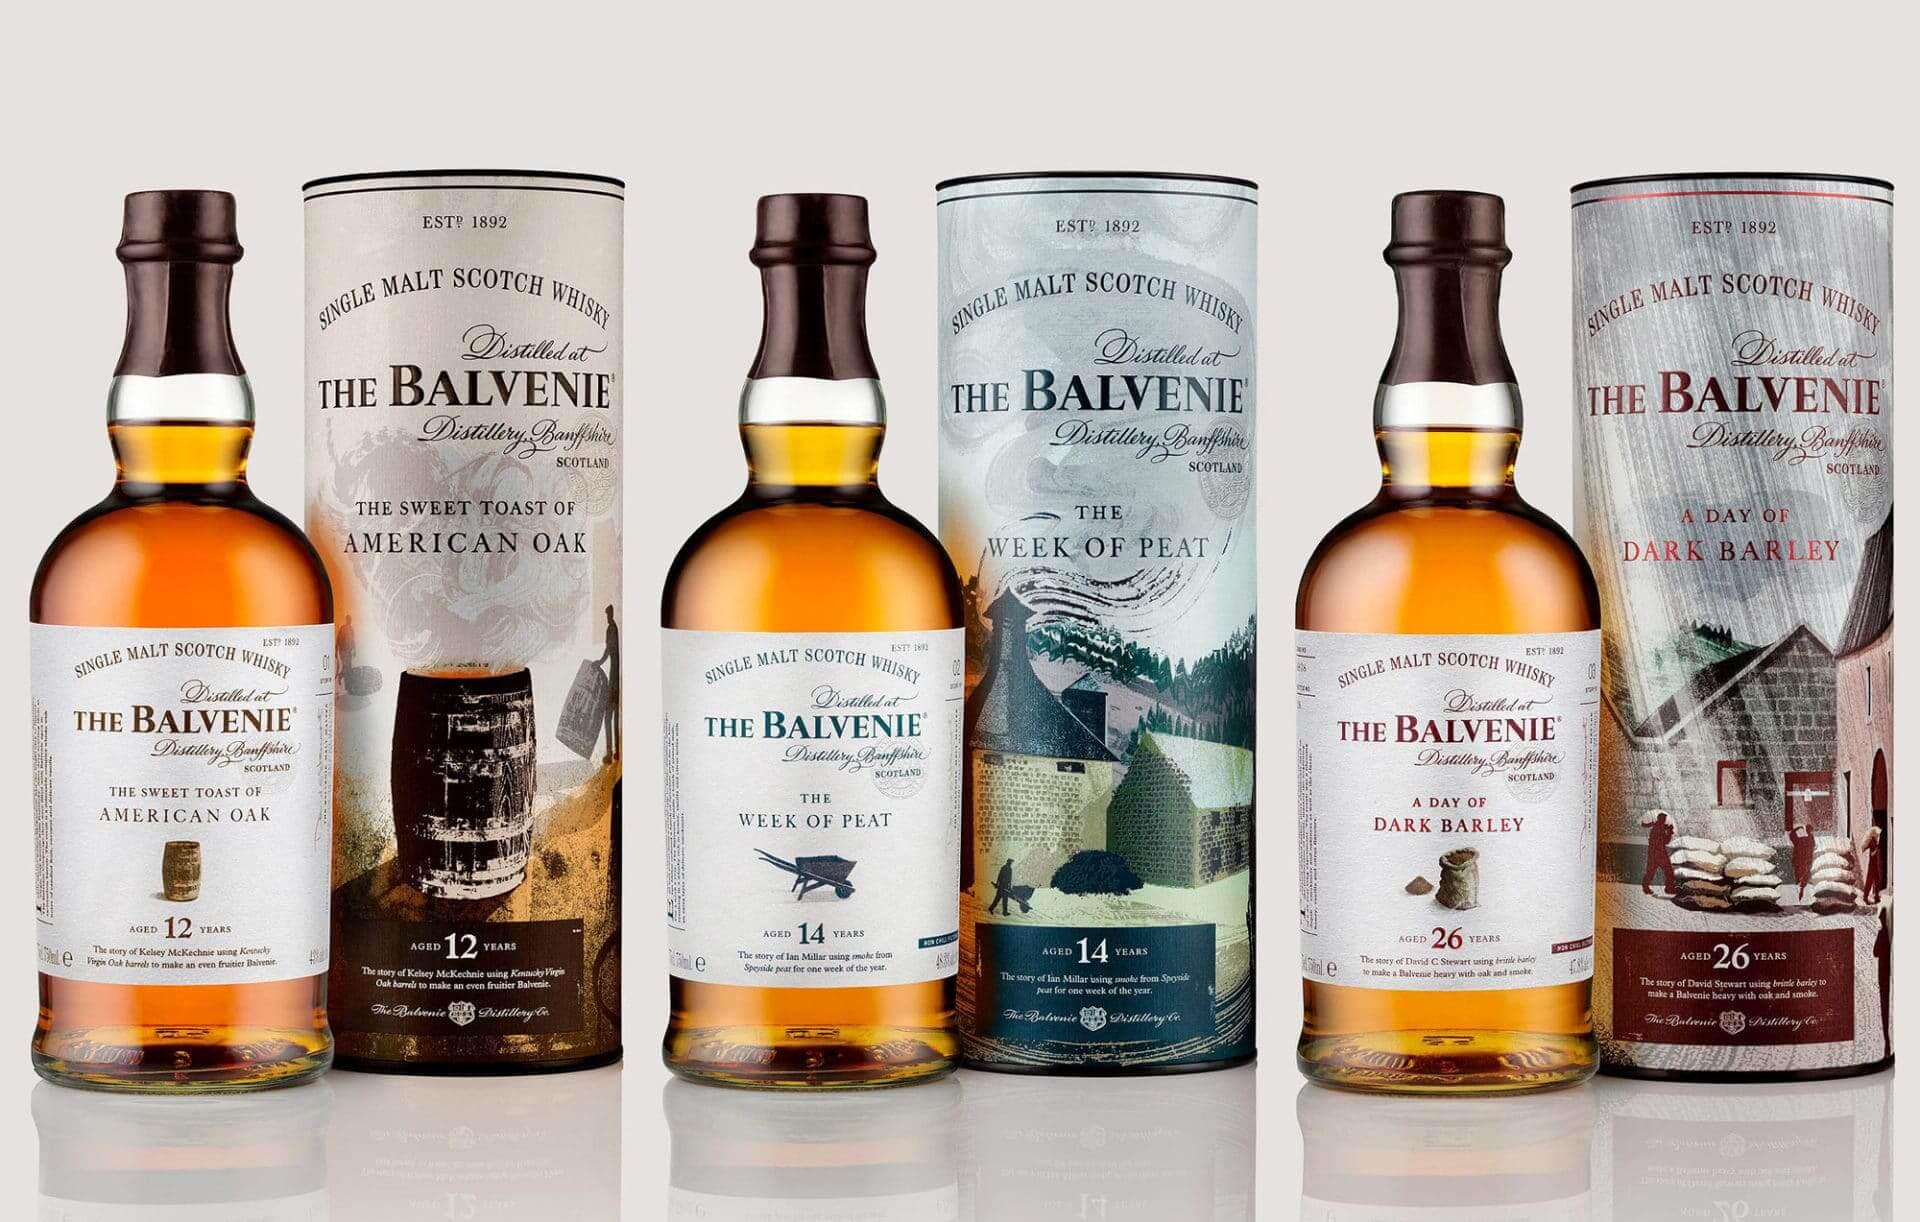 the balvenie stories - vinopremier